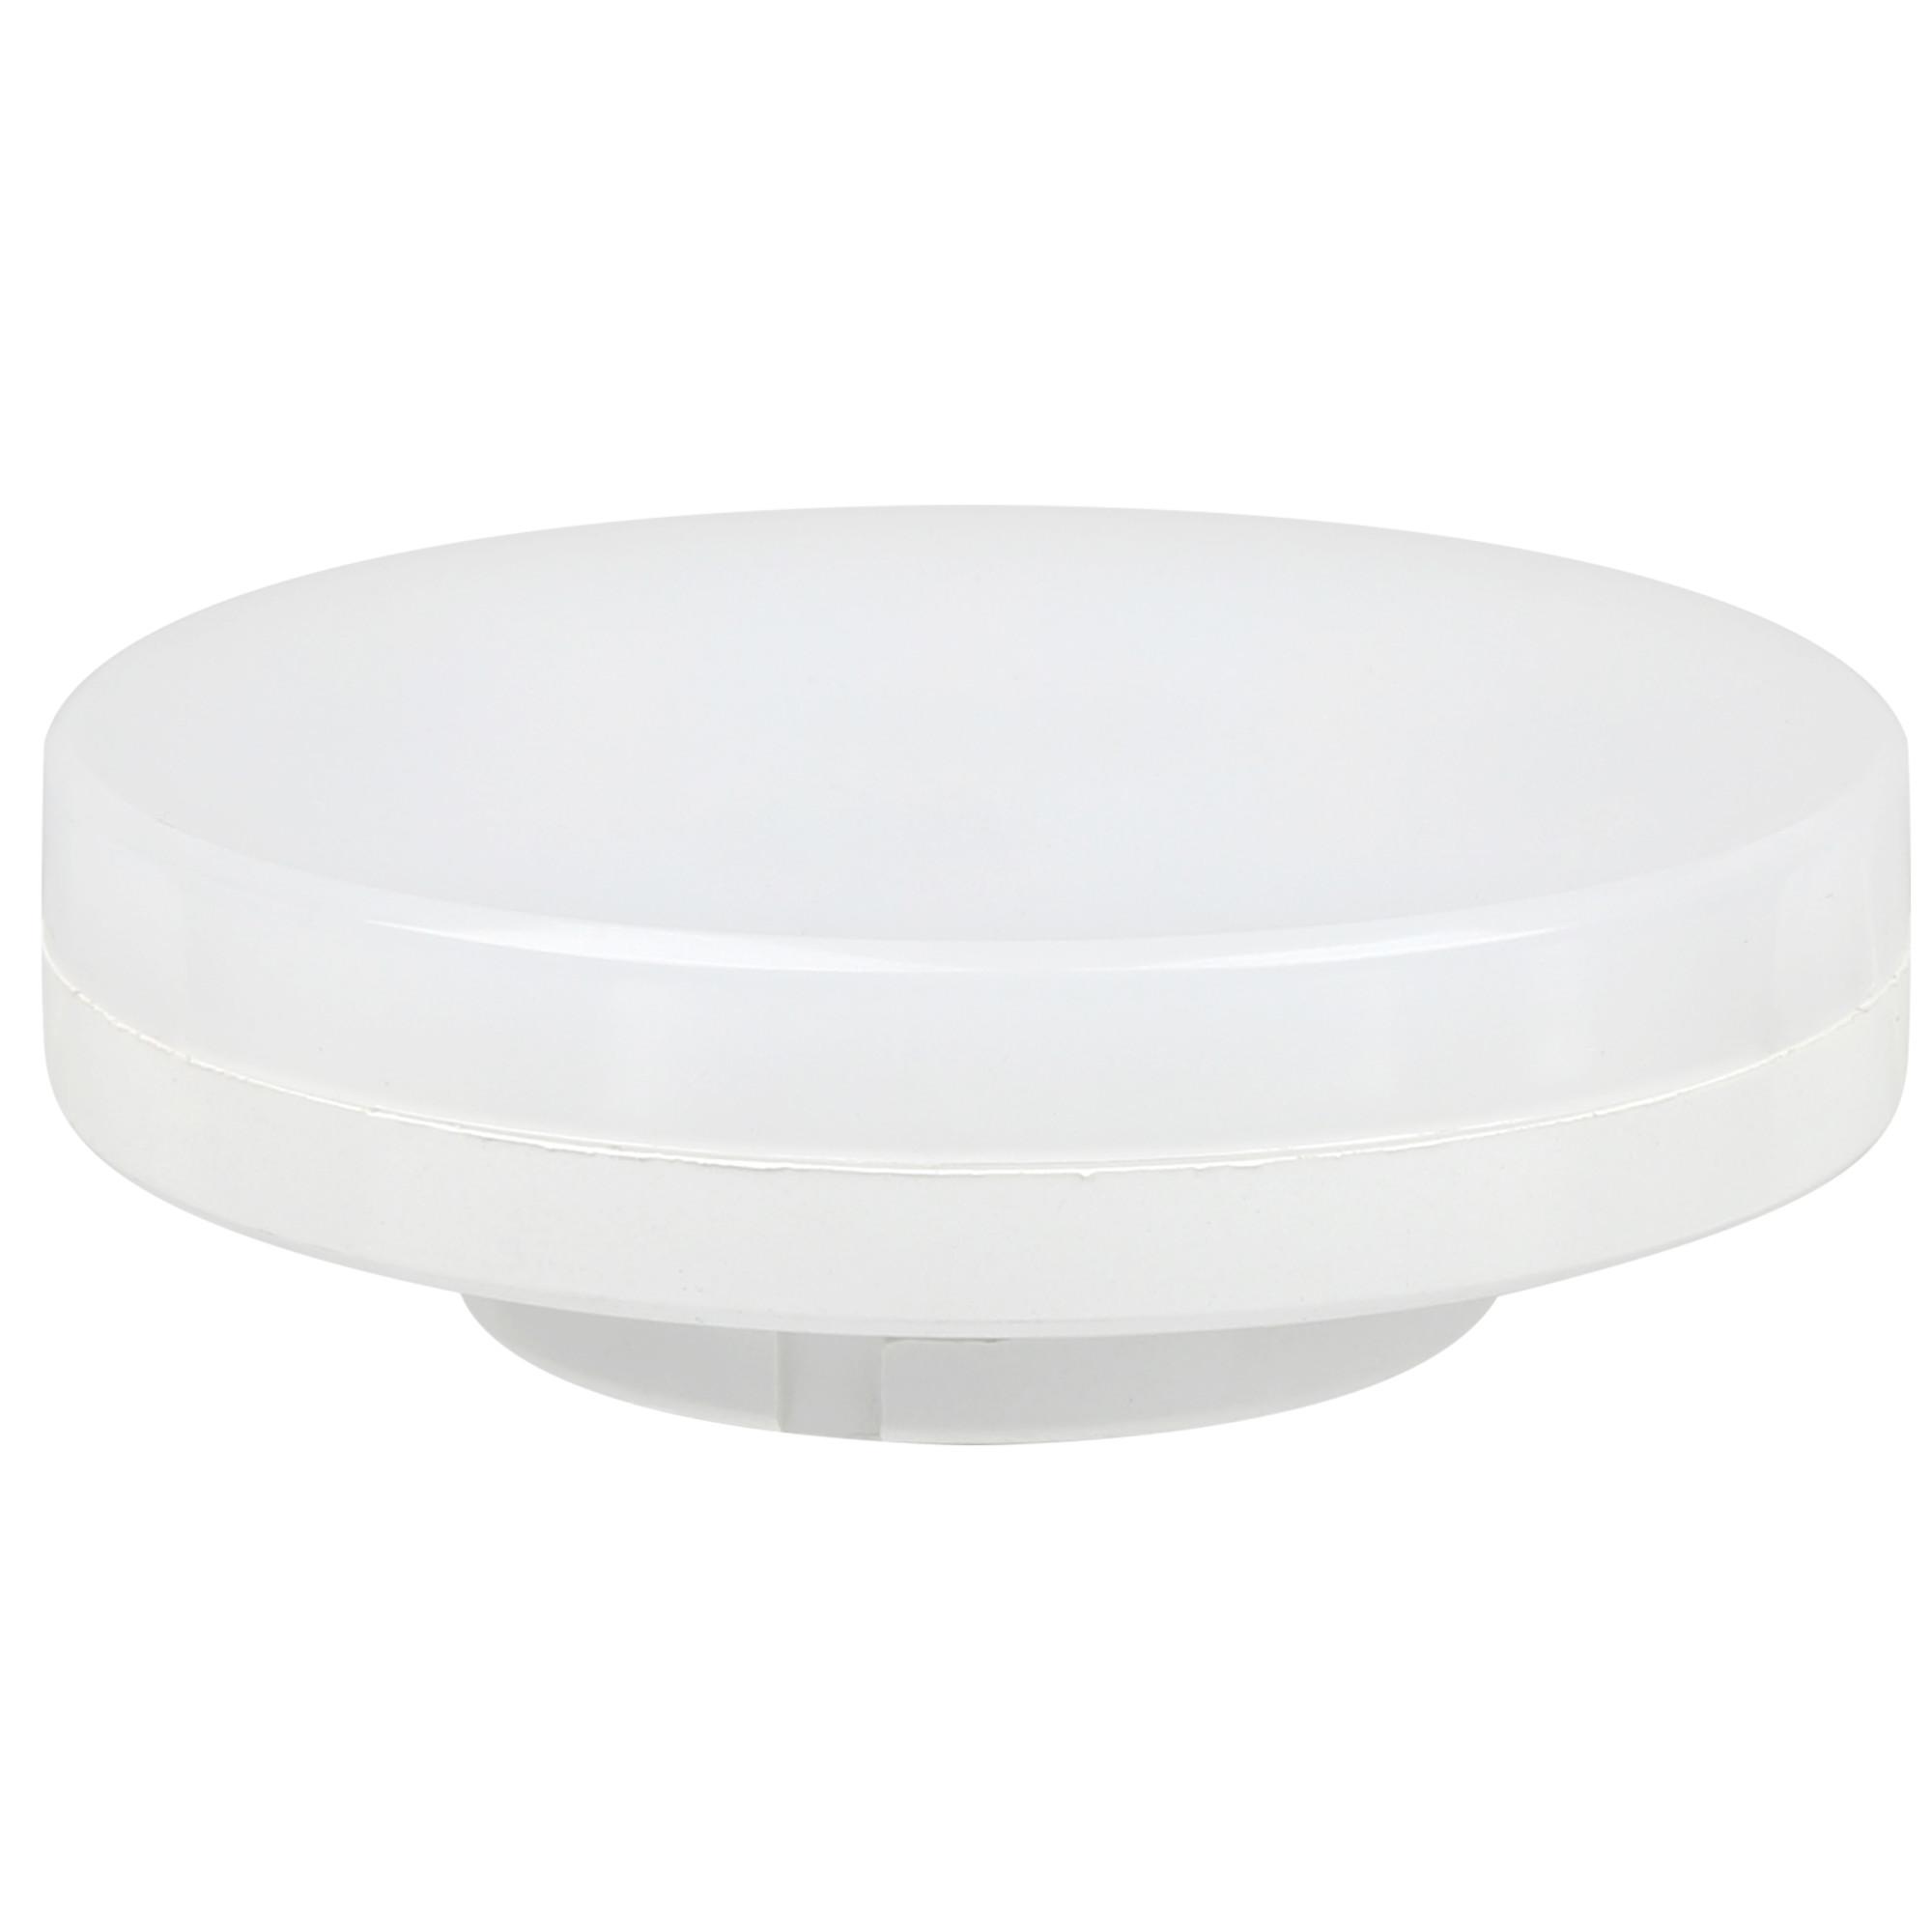 Лампа светодиодная Lexman Gx53 220 В 5.7 Вт прозрачная 600 лм белый свет